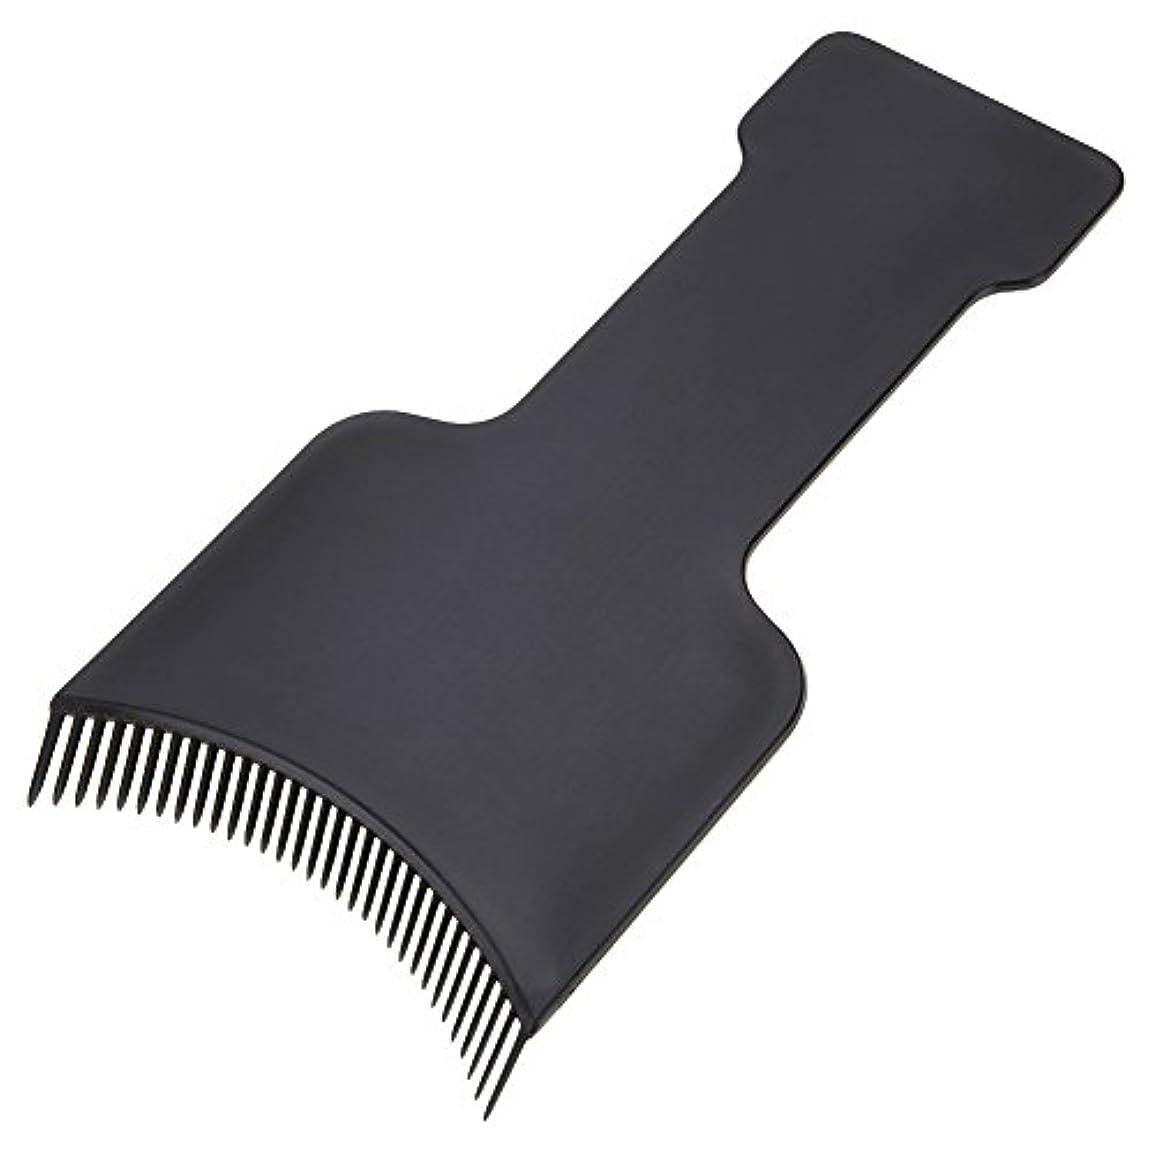 ご注意かろうじて衰えるAMAA フラットトップパドルセットヘアハイライトセクショニング櫛セットヘアカラーパドルセット (黒)